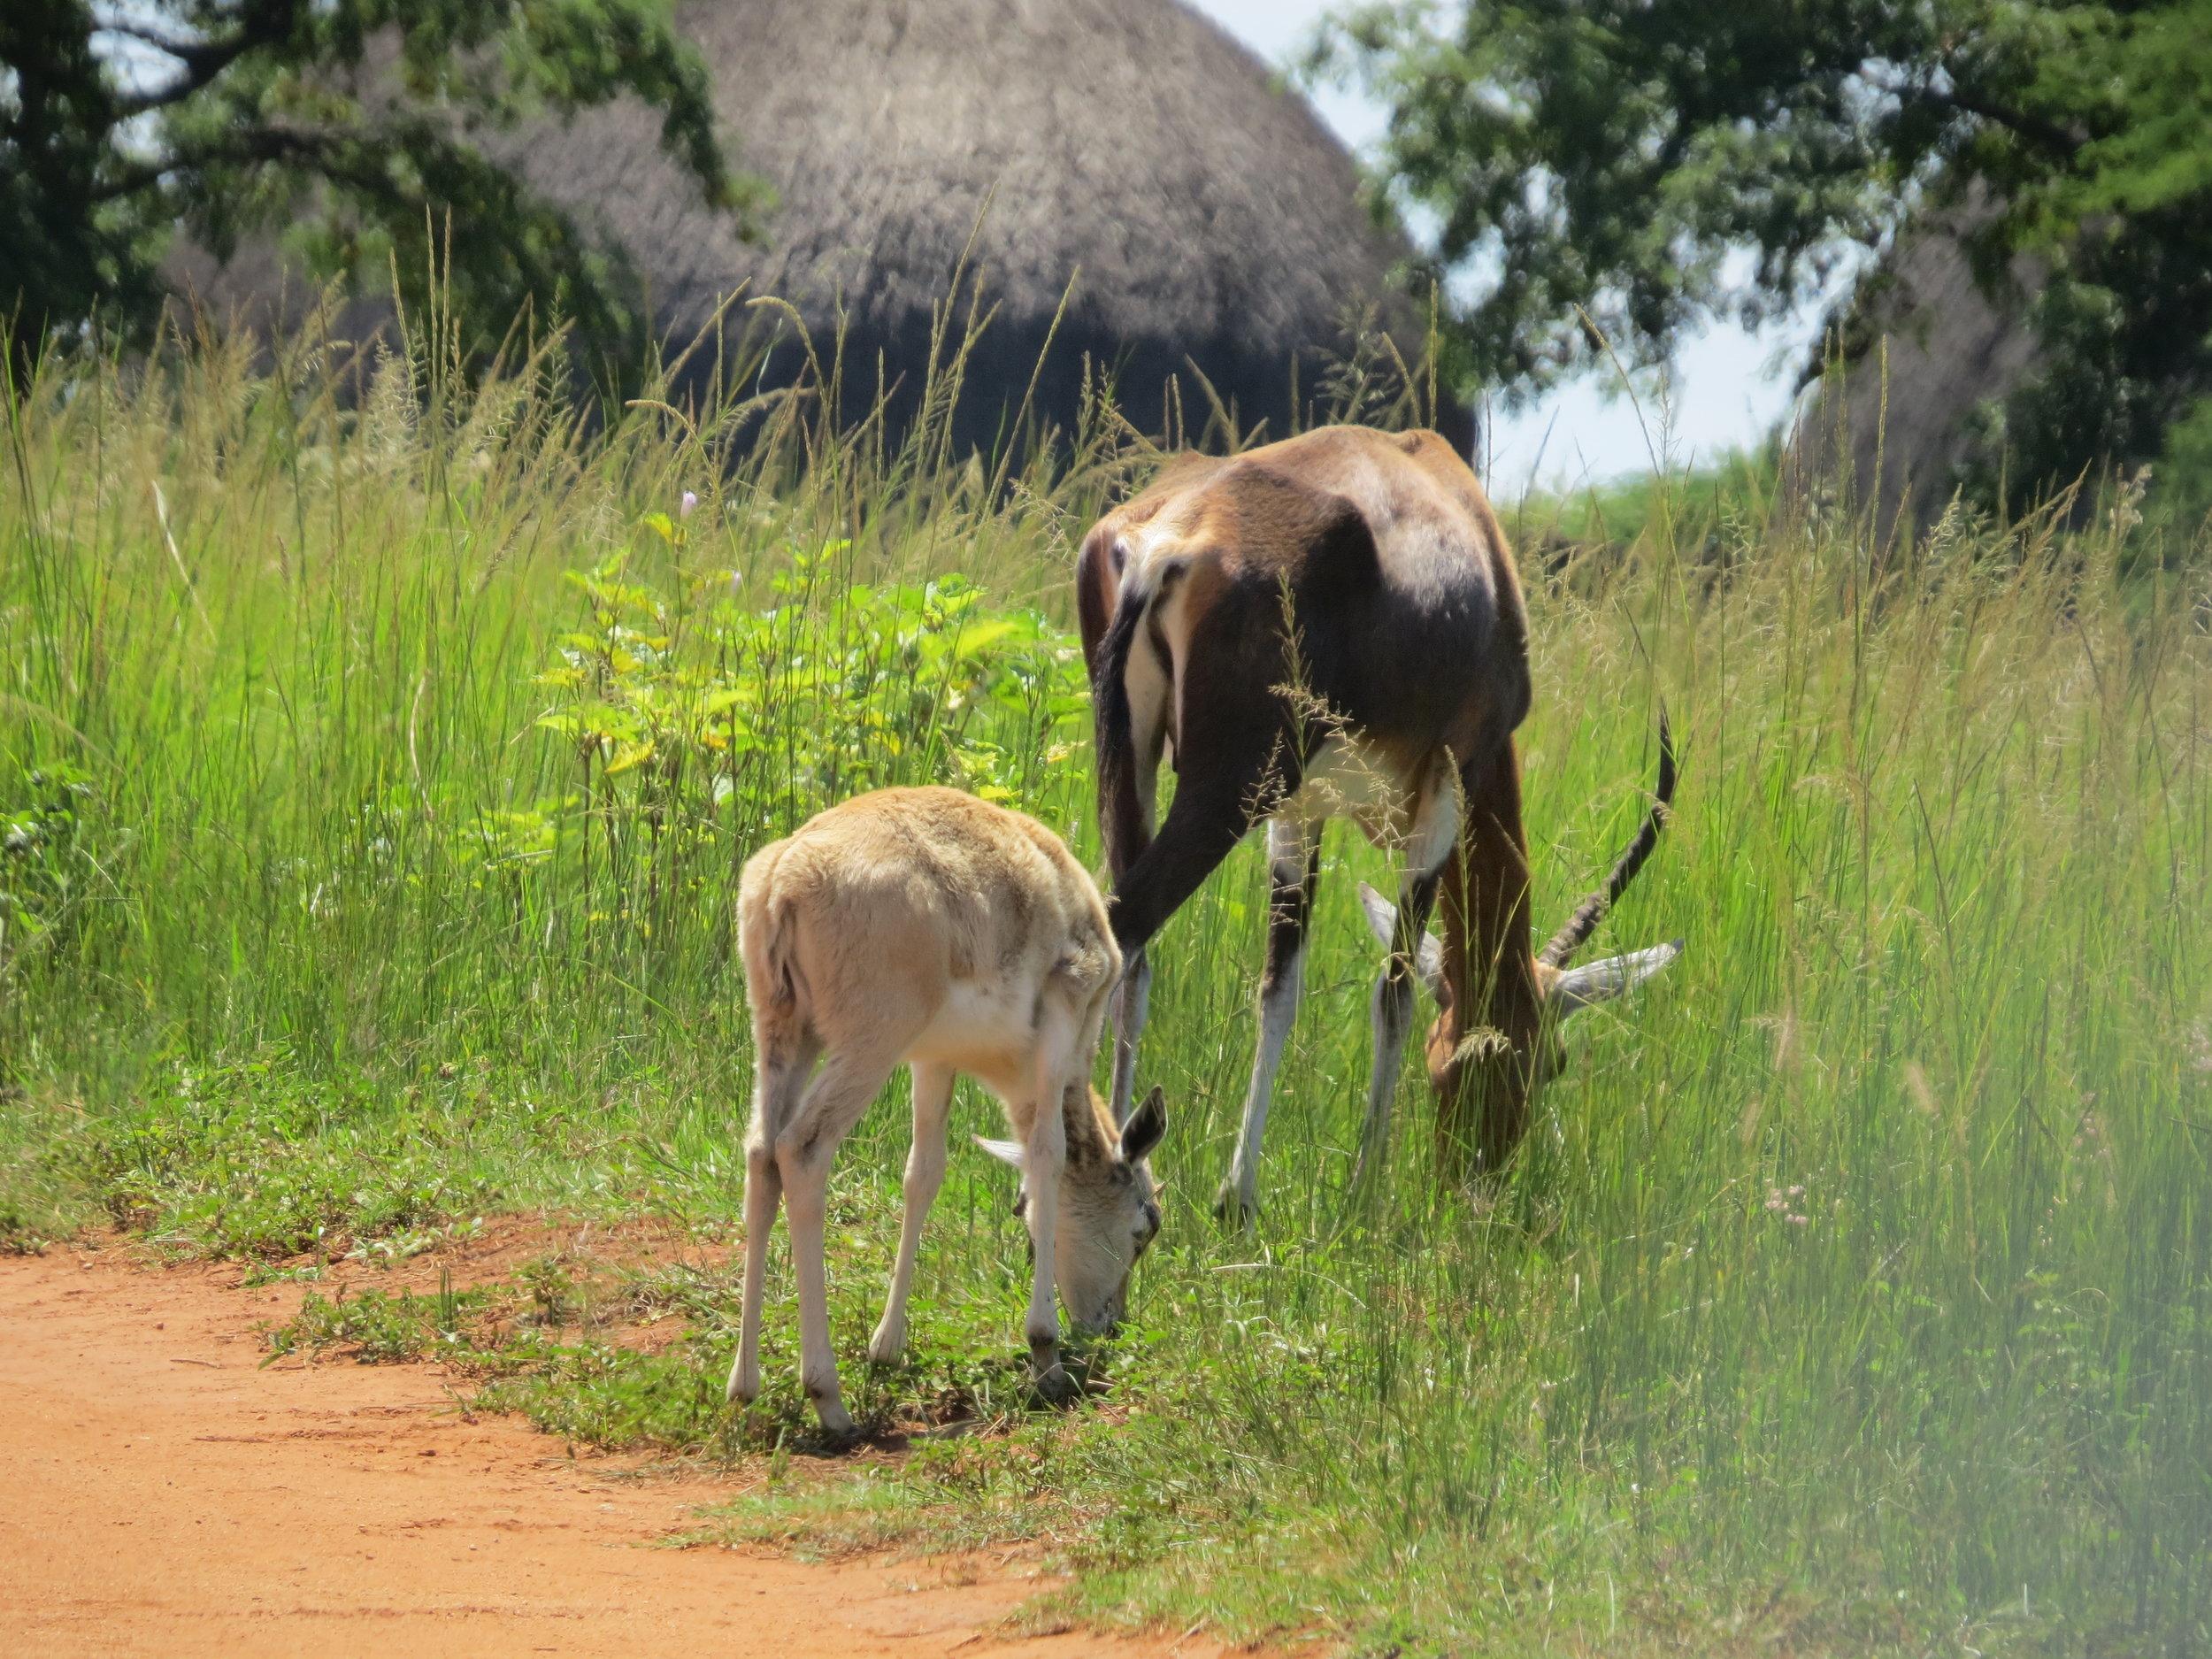 Bontebok roamed the park